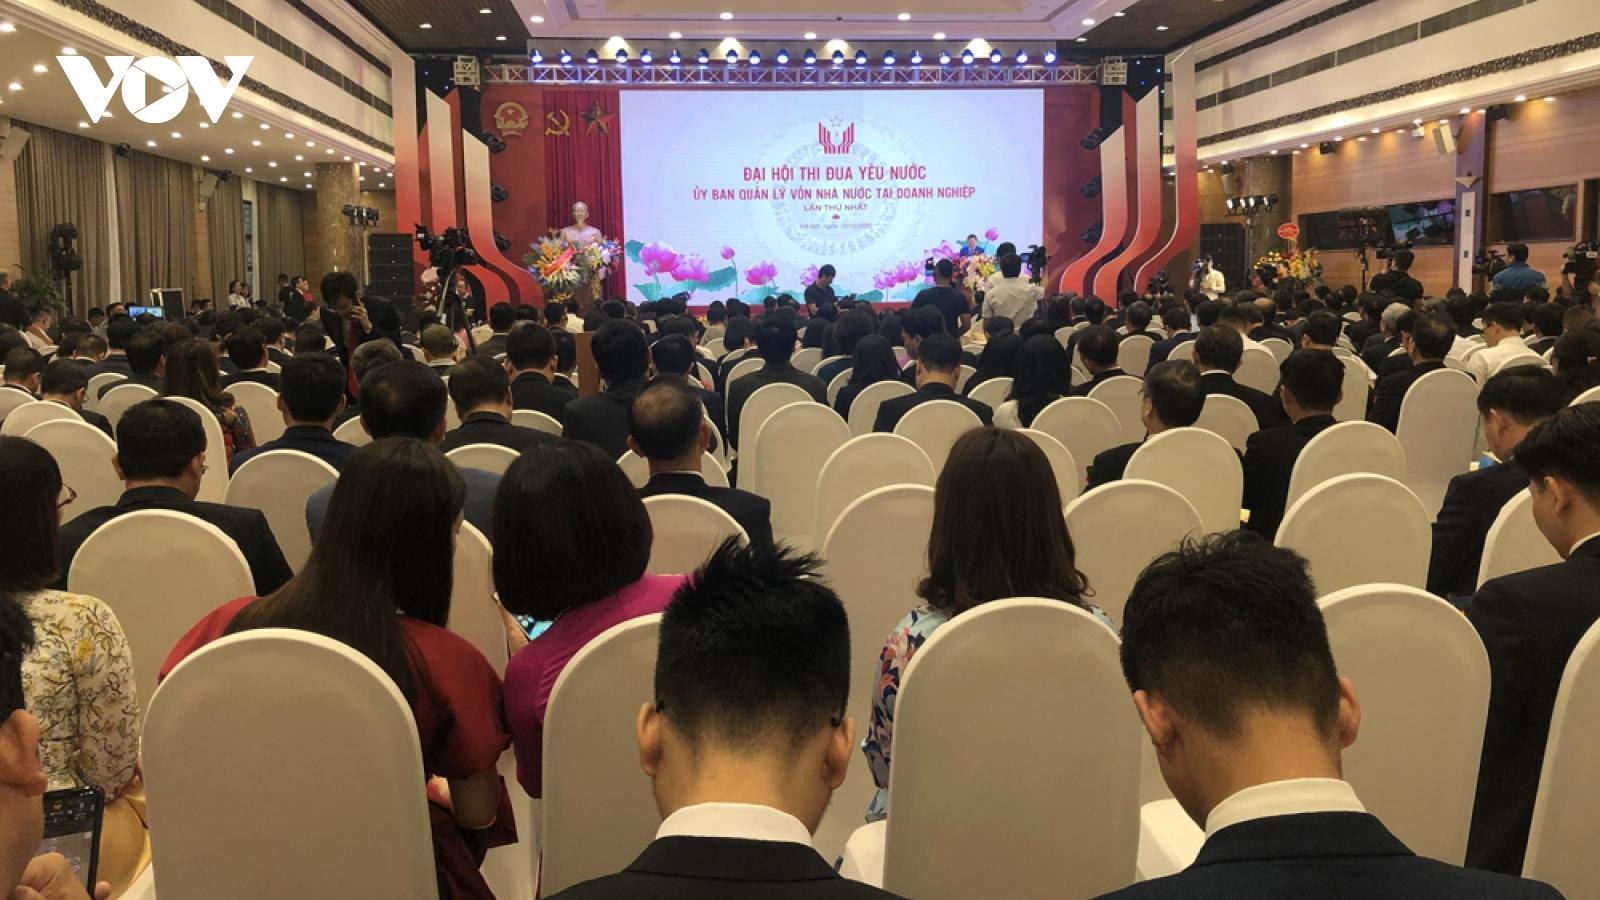 Đại hội Thi đua Ủy ban Quản lý vốn nhà nước tại doanh nghiệp lần thứ nhất